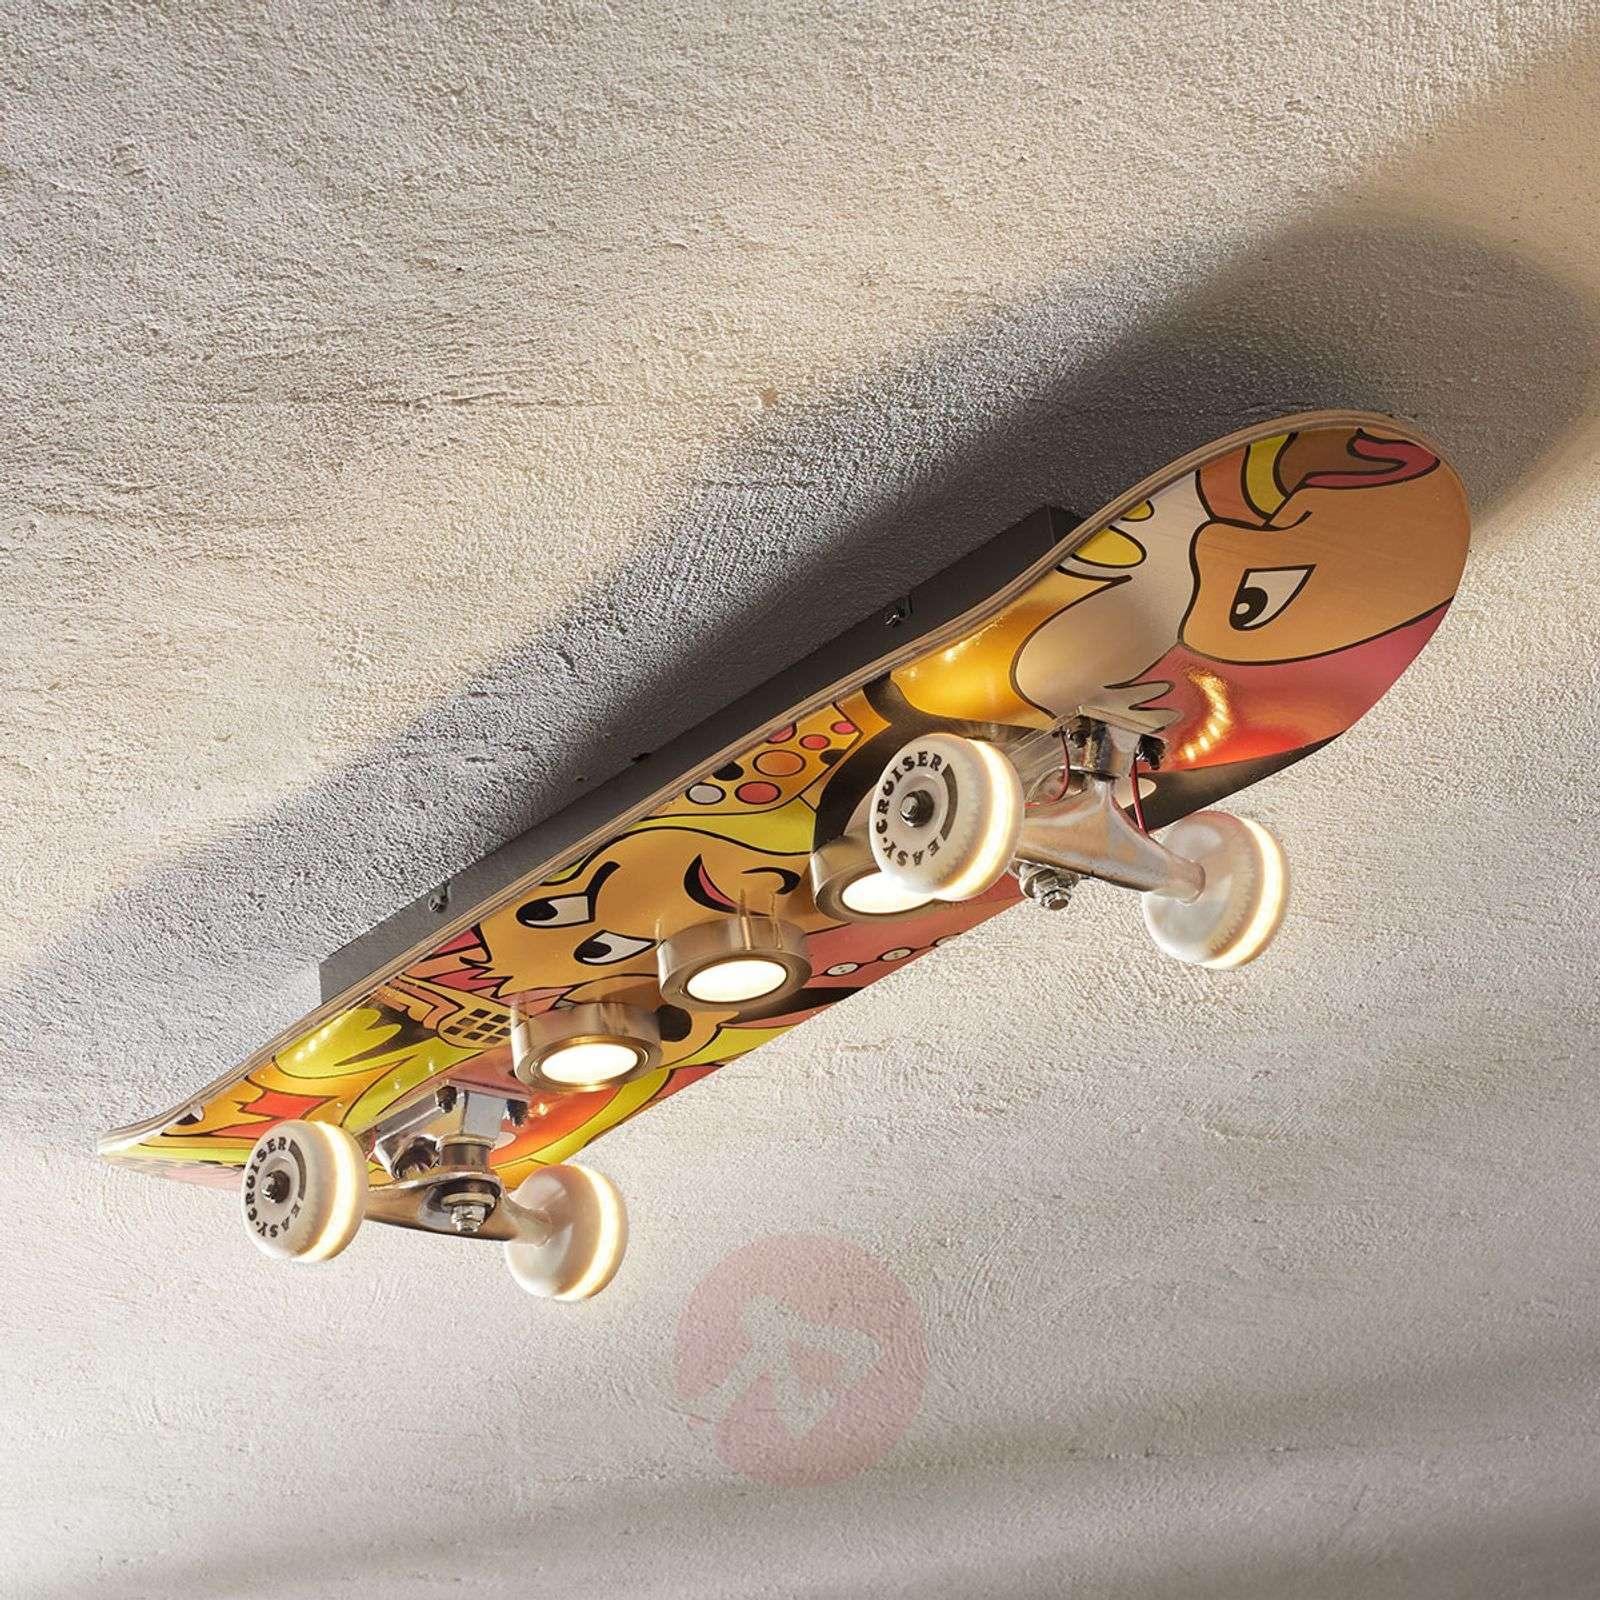 Easy Cruiser LED ceiling light skateboard look-3025316-01